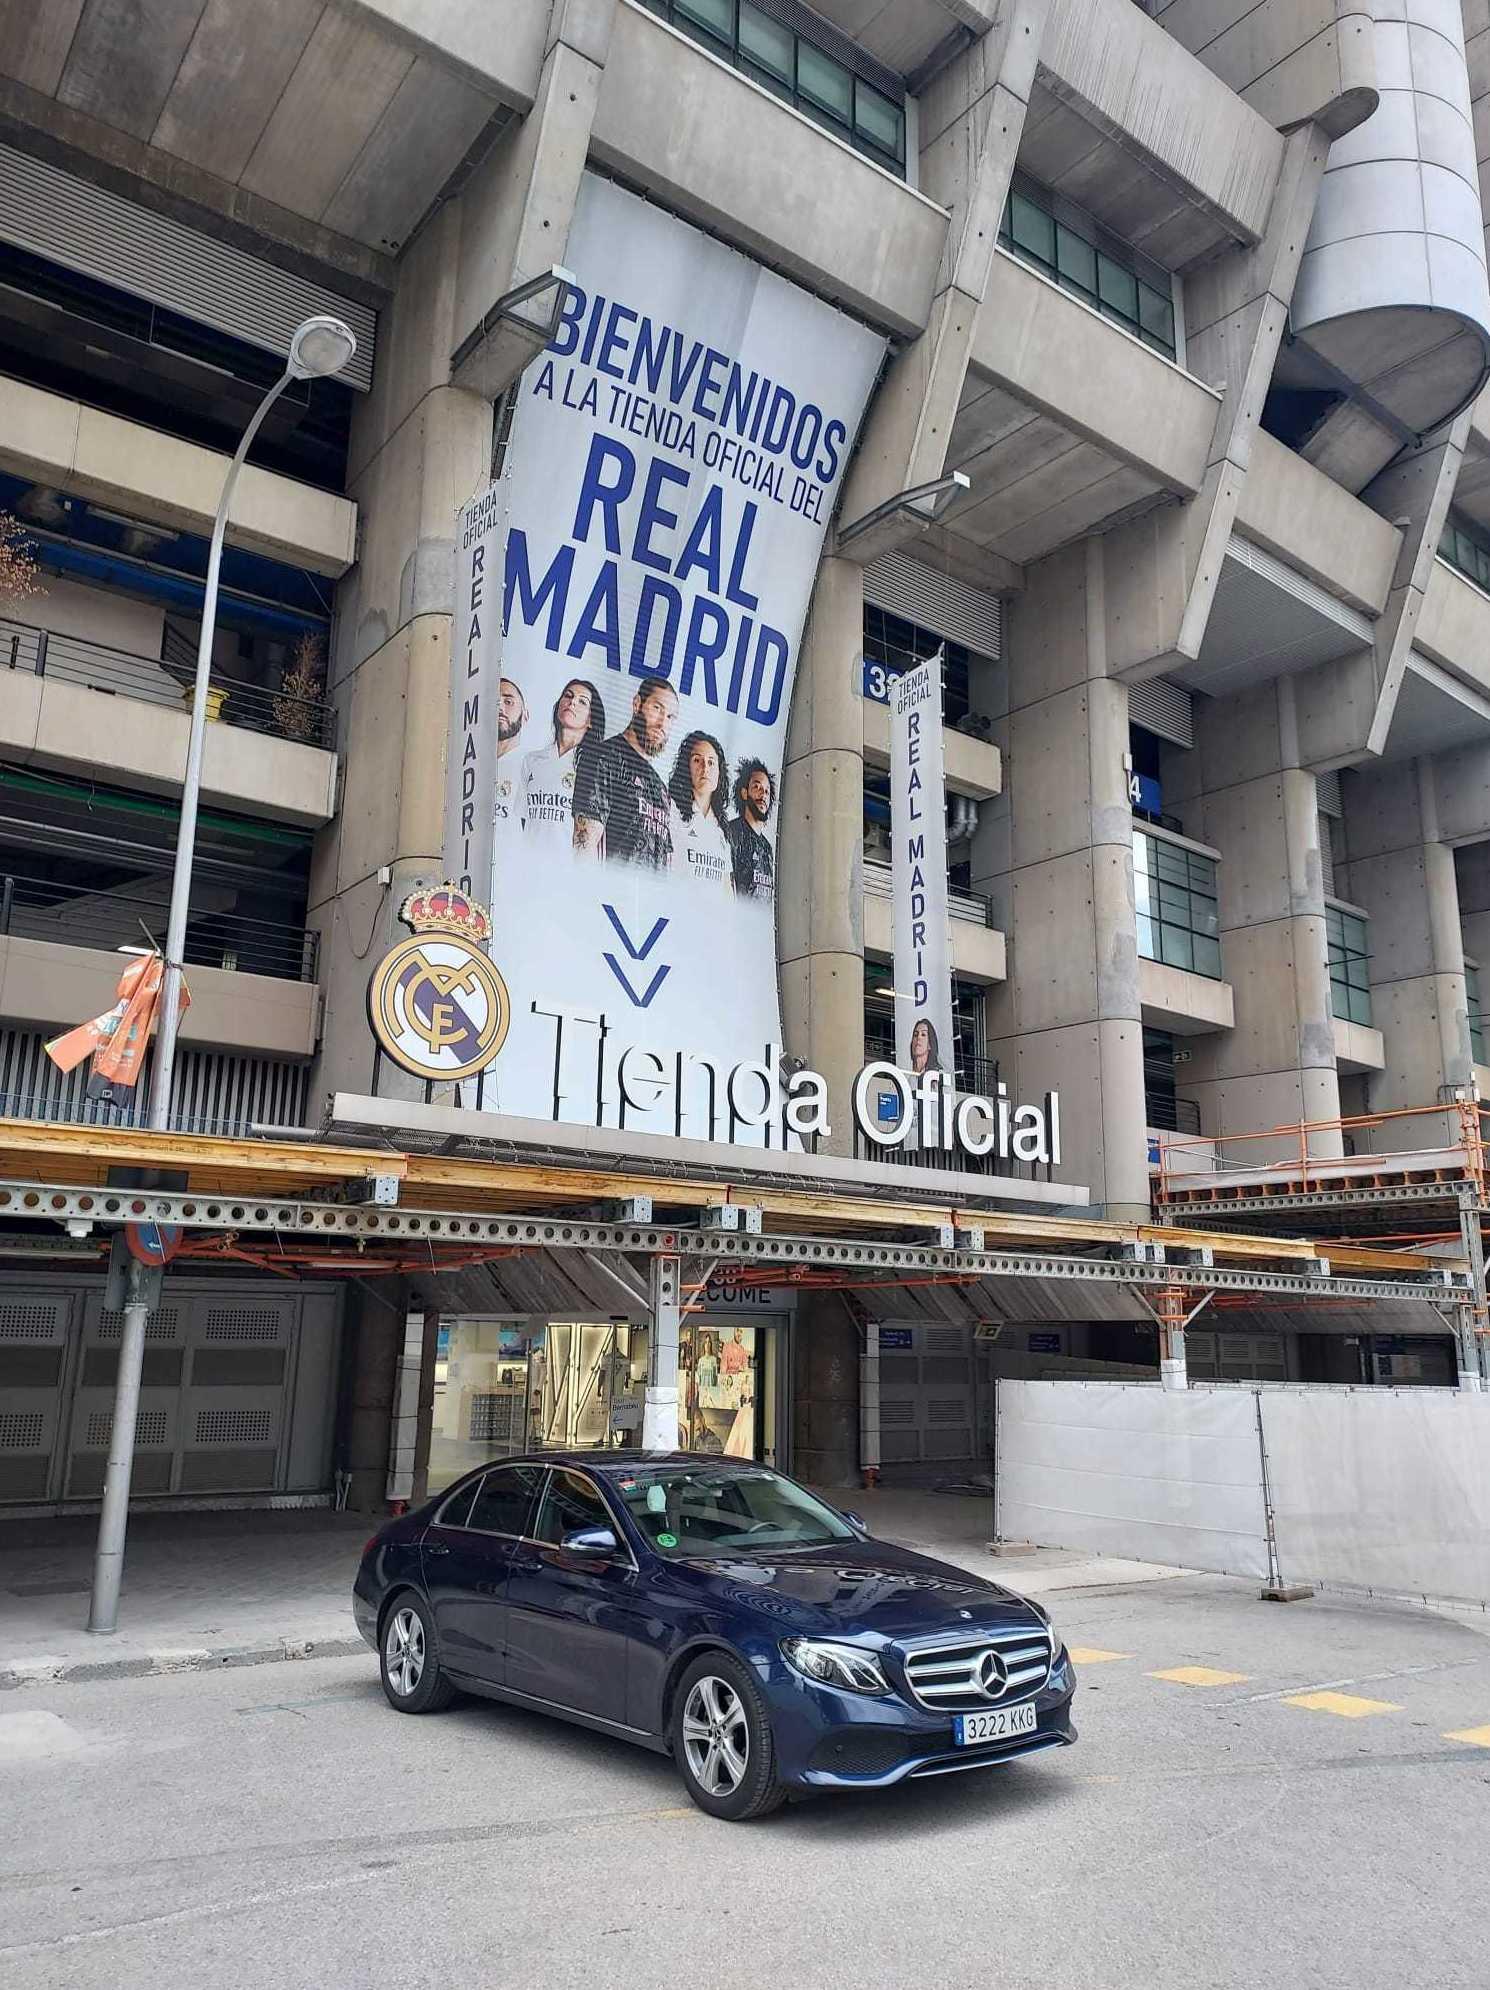 Foto 7 de Alquiler de vehículos con conductor en    Candecar